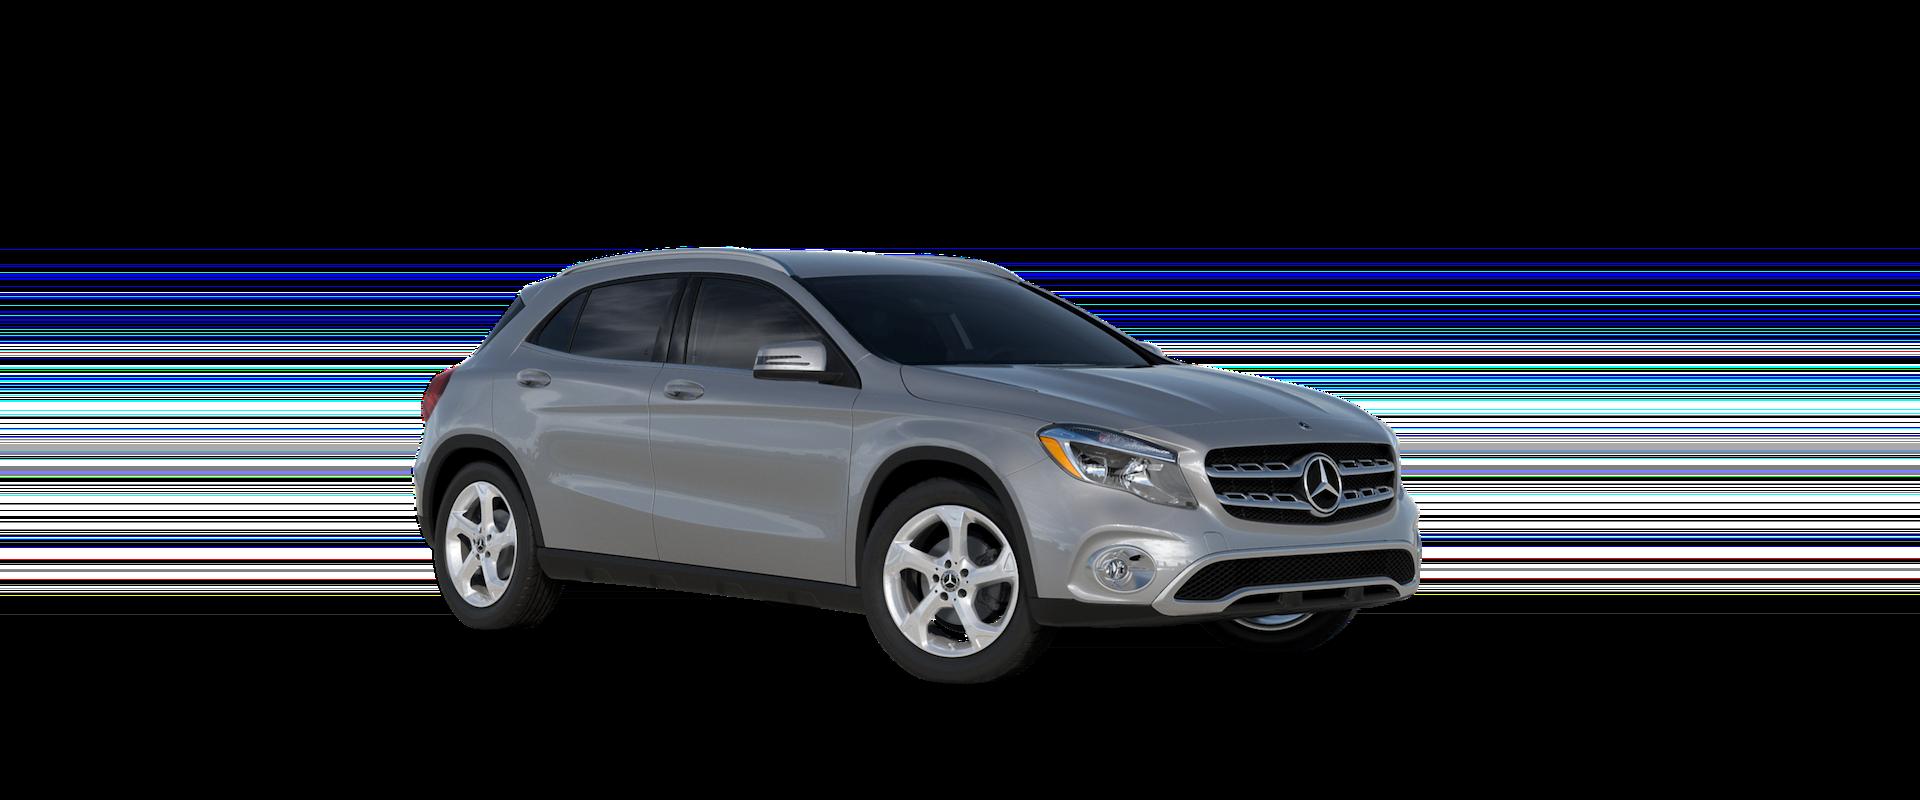 Mercedes-Benz GLA Service Intervals